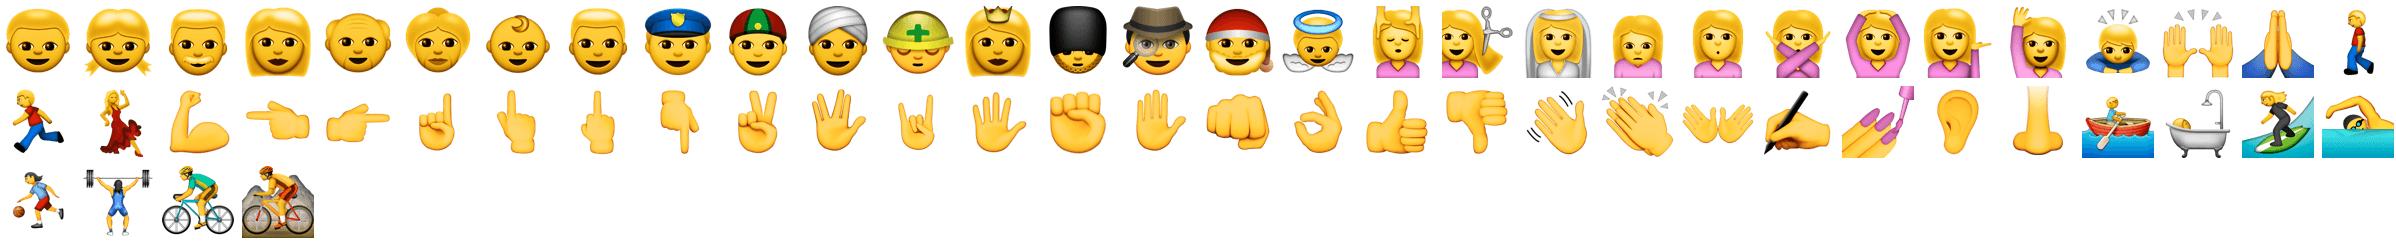 UTS #51: Unicode Emoji